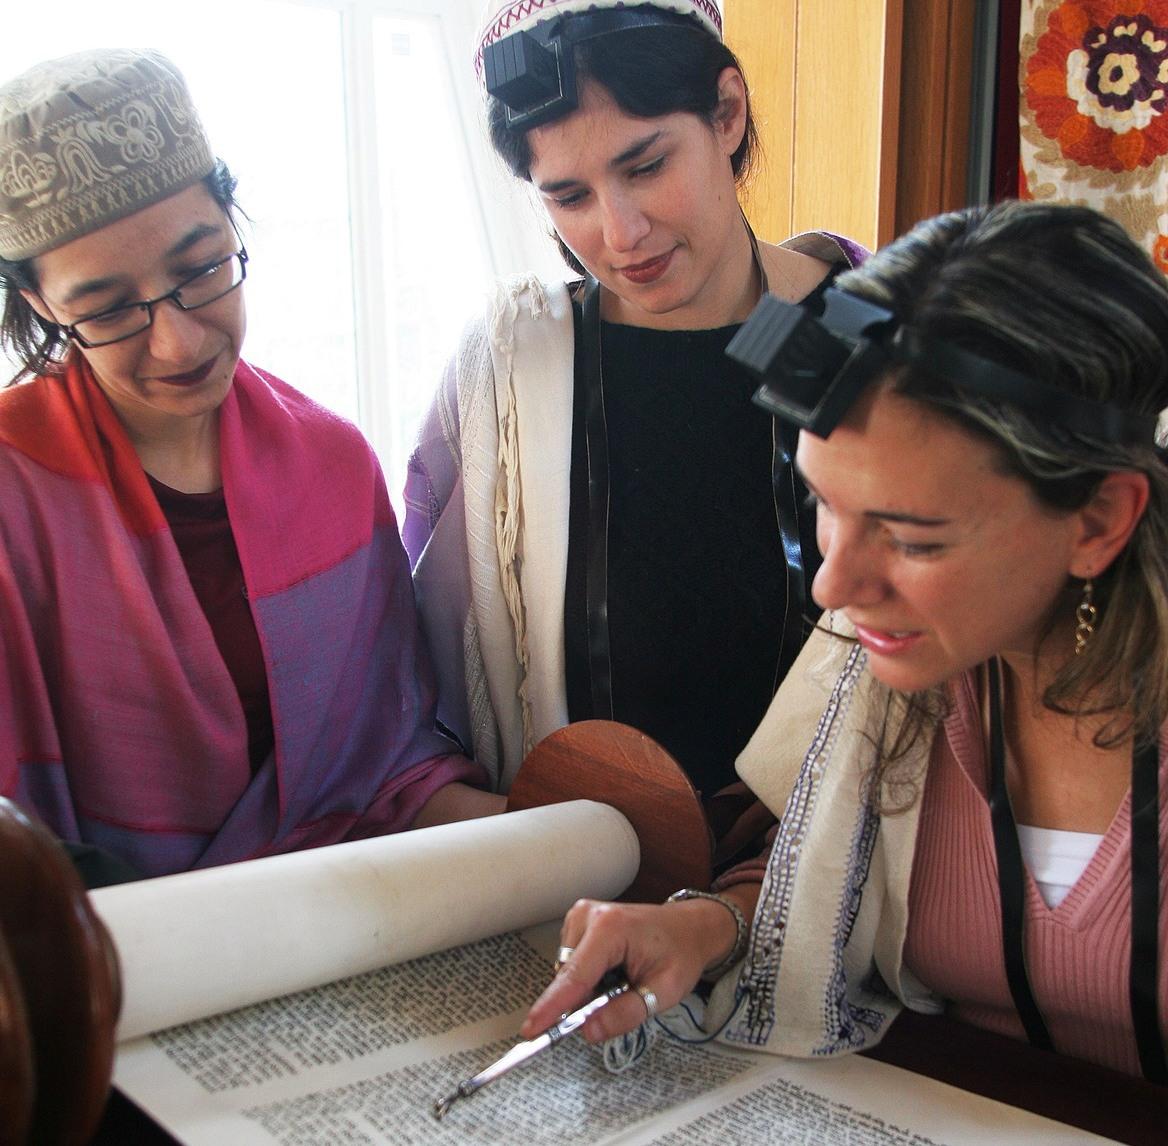 Weibliche Rabbiner bleiben weiterhin Zukunftsmusik. (Quelle: תמי גוטליב via Wikimedia Commons unter Lizenz CC-BY-SA 3.0)